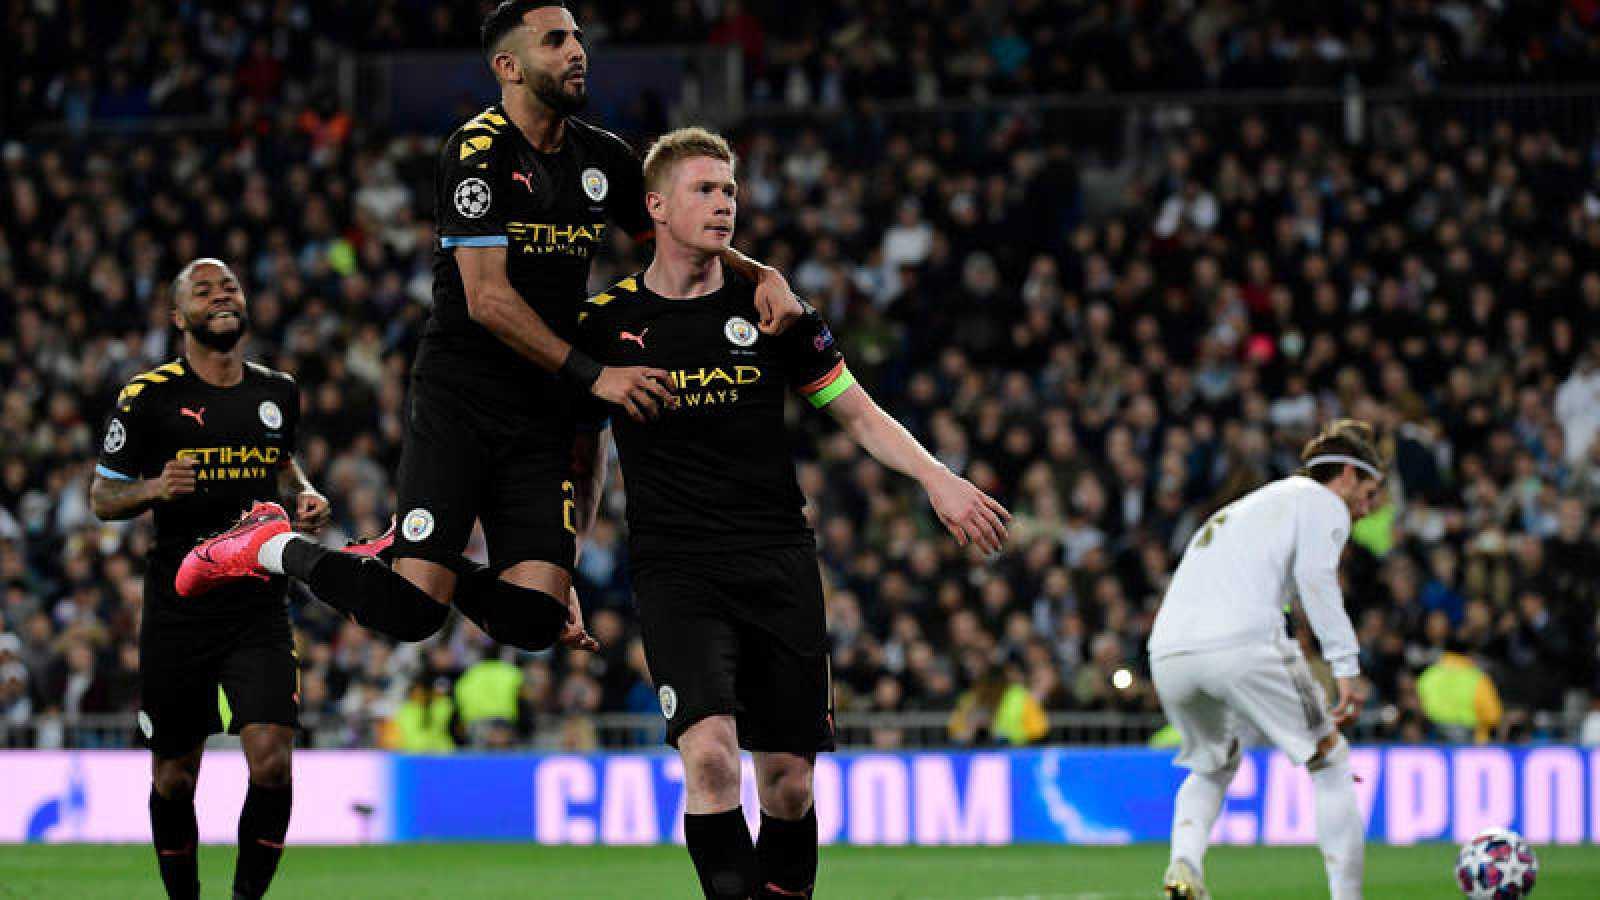 El belga De Bruyne celebra su gol contra el Madrid, el 1-2 para el Manchester City.